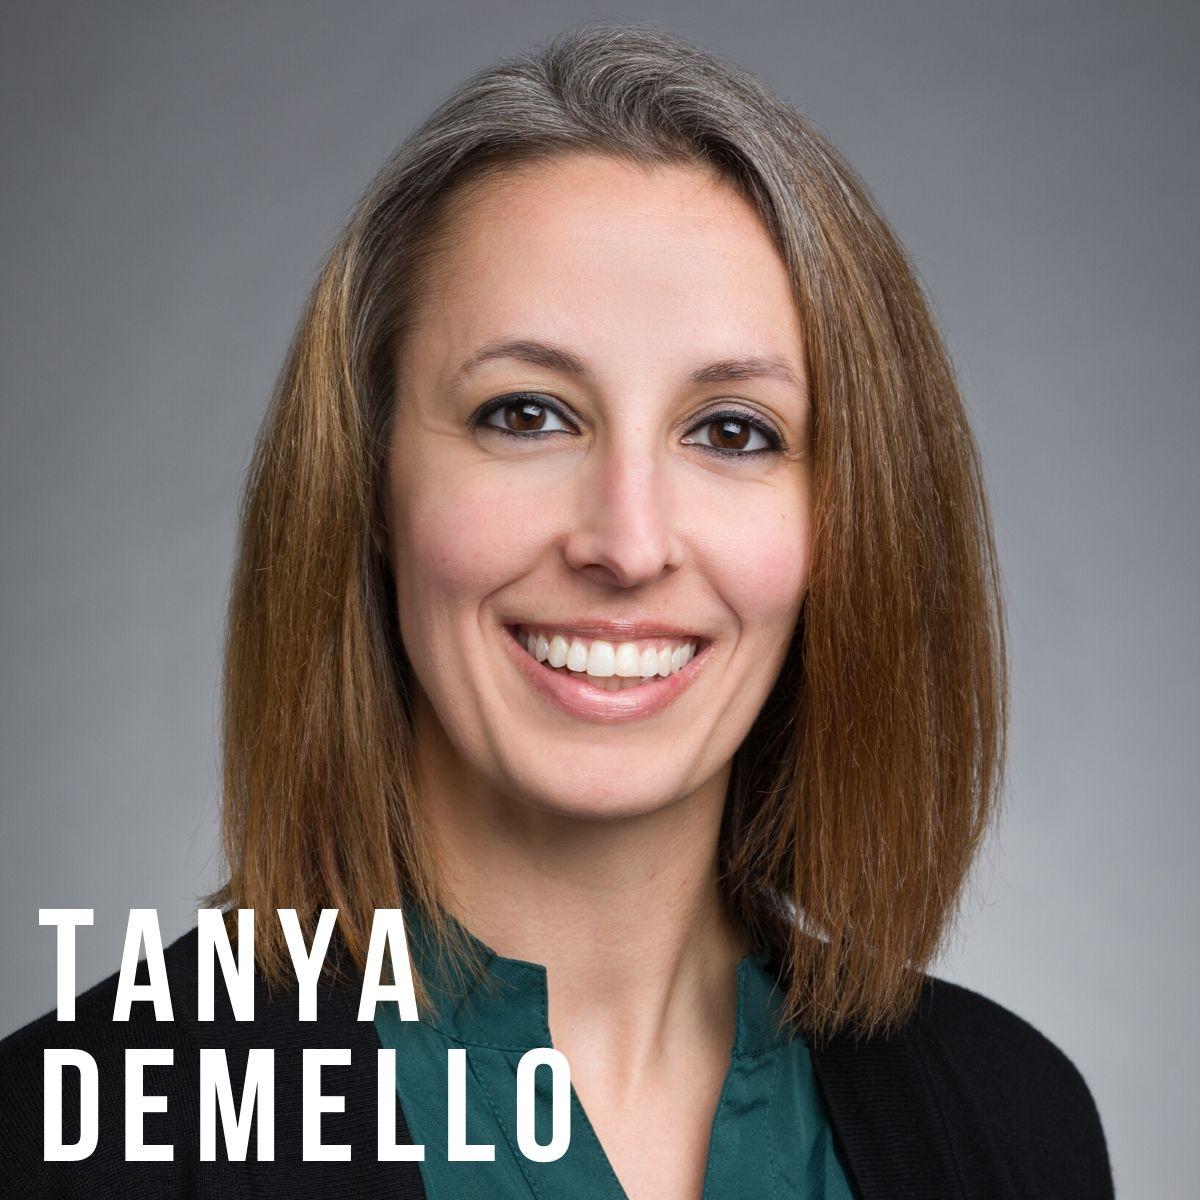 Tanya_DeMello_Logo